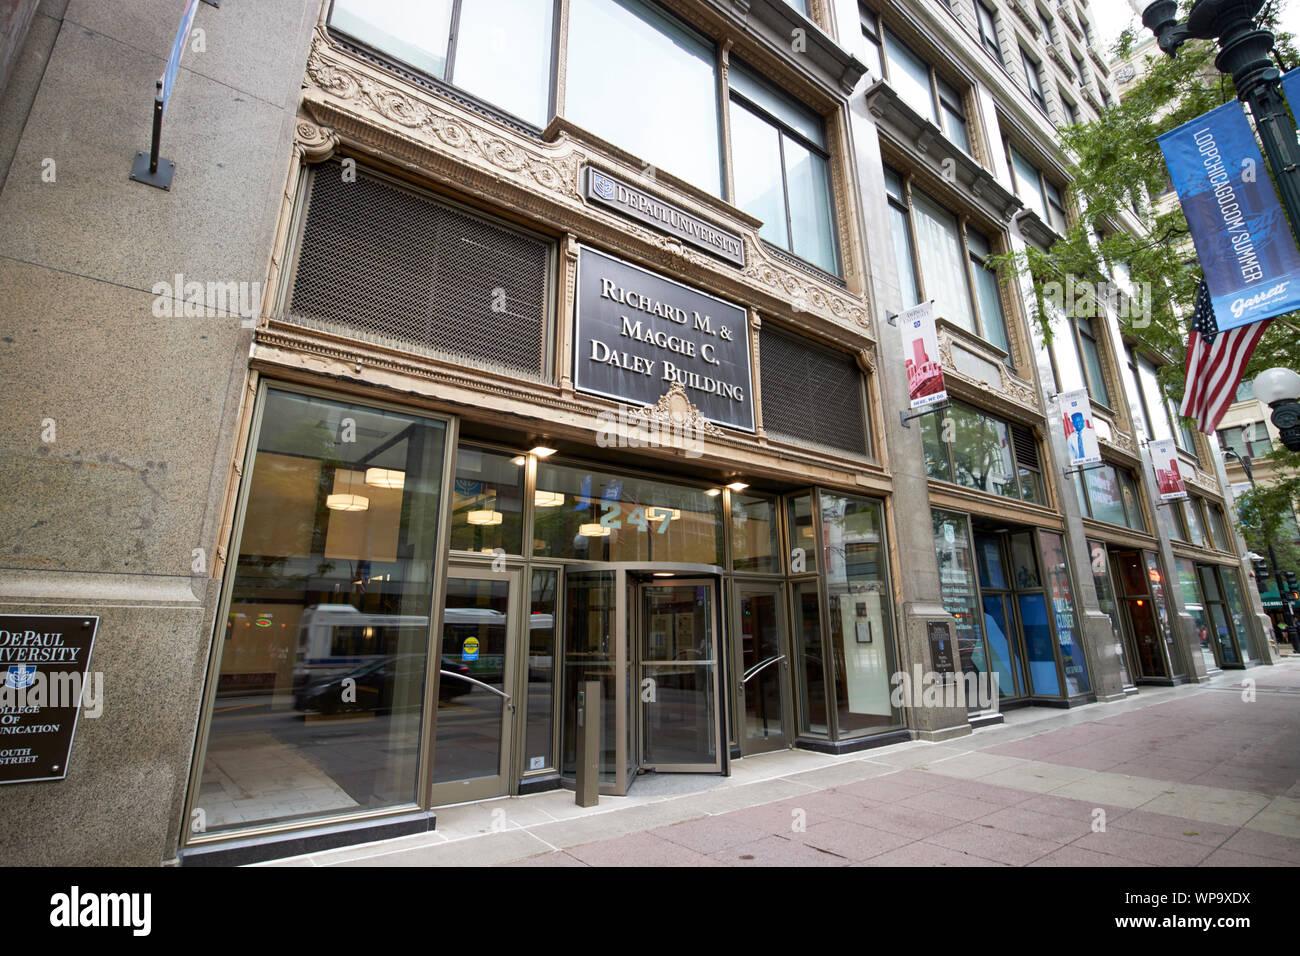 Richard M et Maggie C Daley bâtiment de l'université depaul anciennement le lytton department store Chicago Illinois USA Banque D'Images